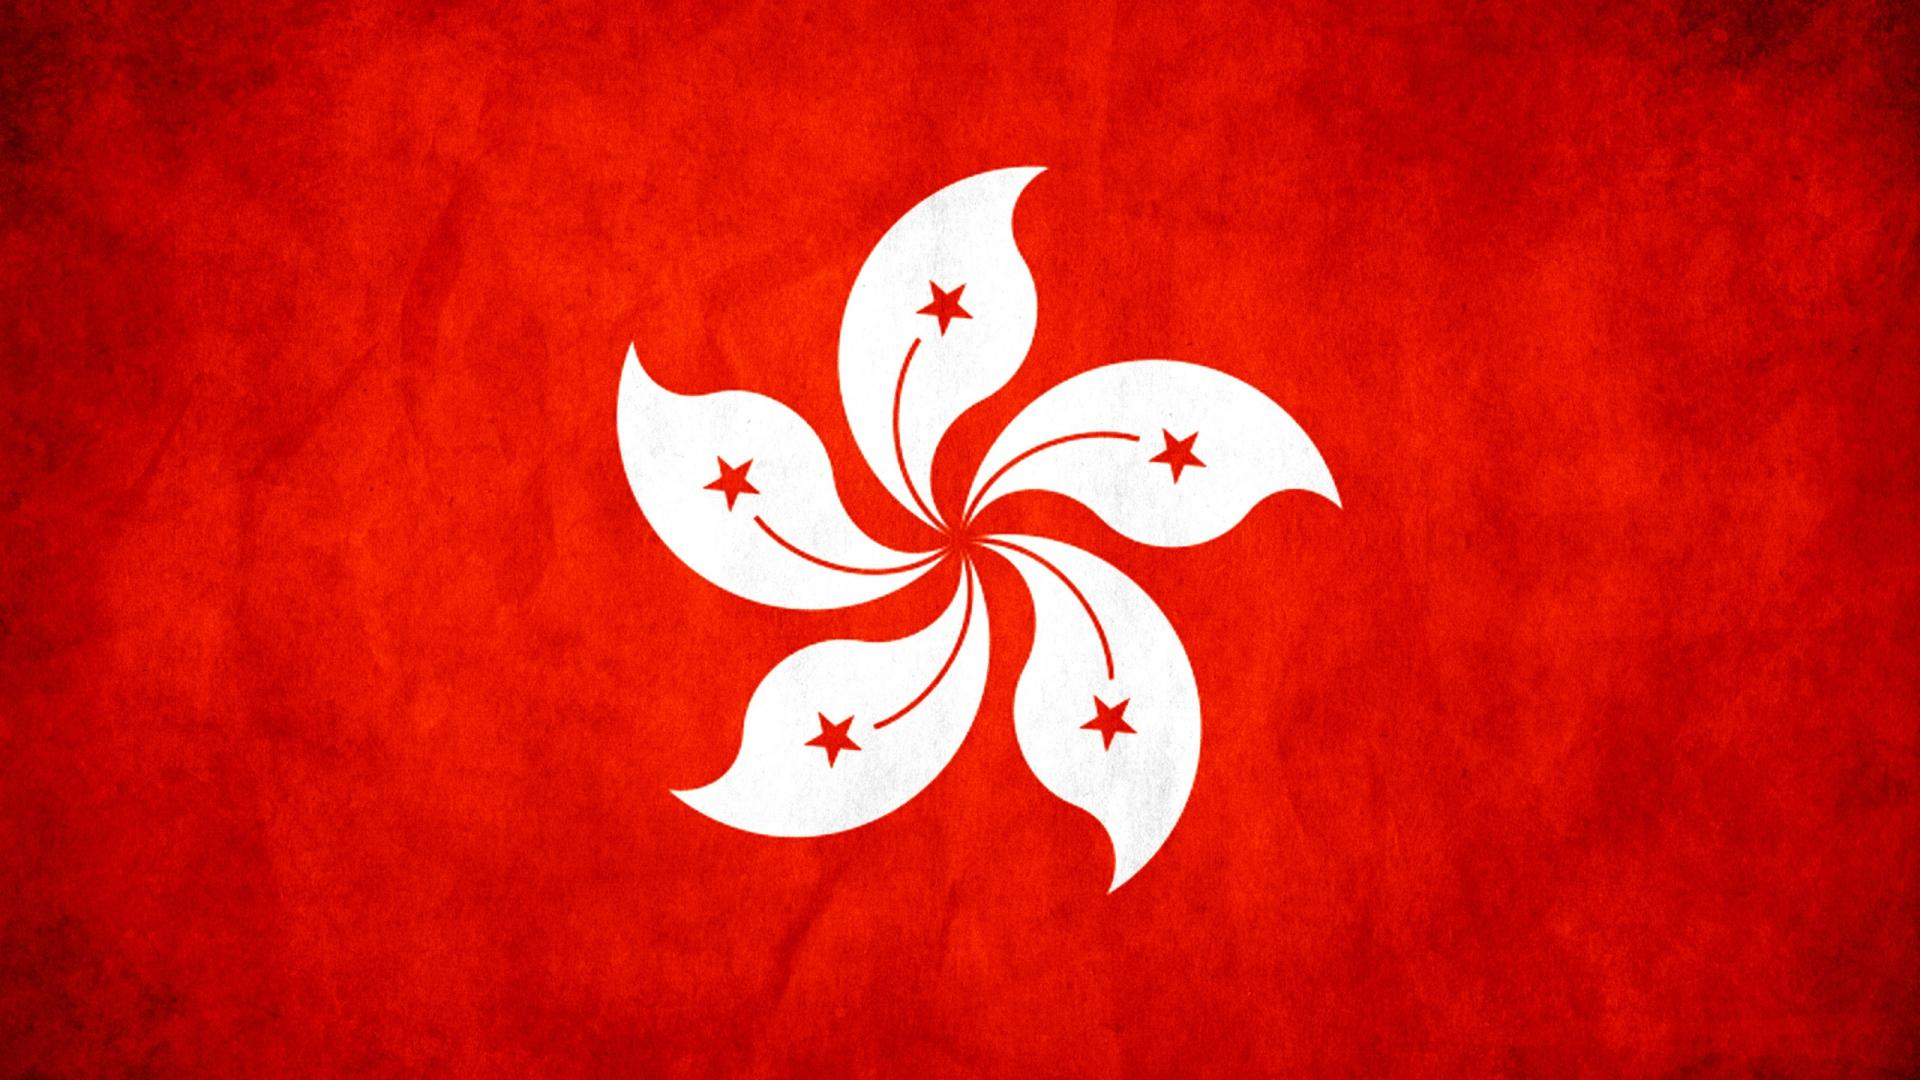 Hong Kong Flag   Wallpaper High Definition High Quality Widescreen 1920x1080